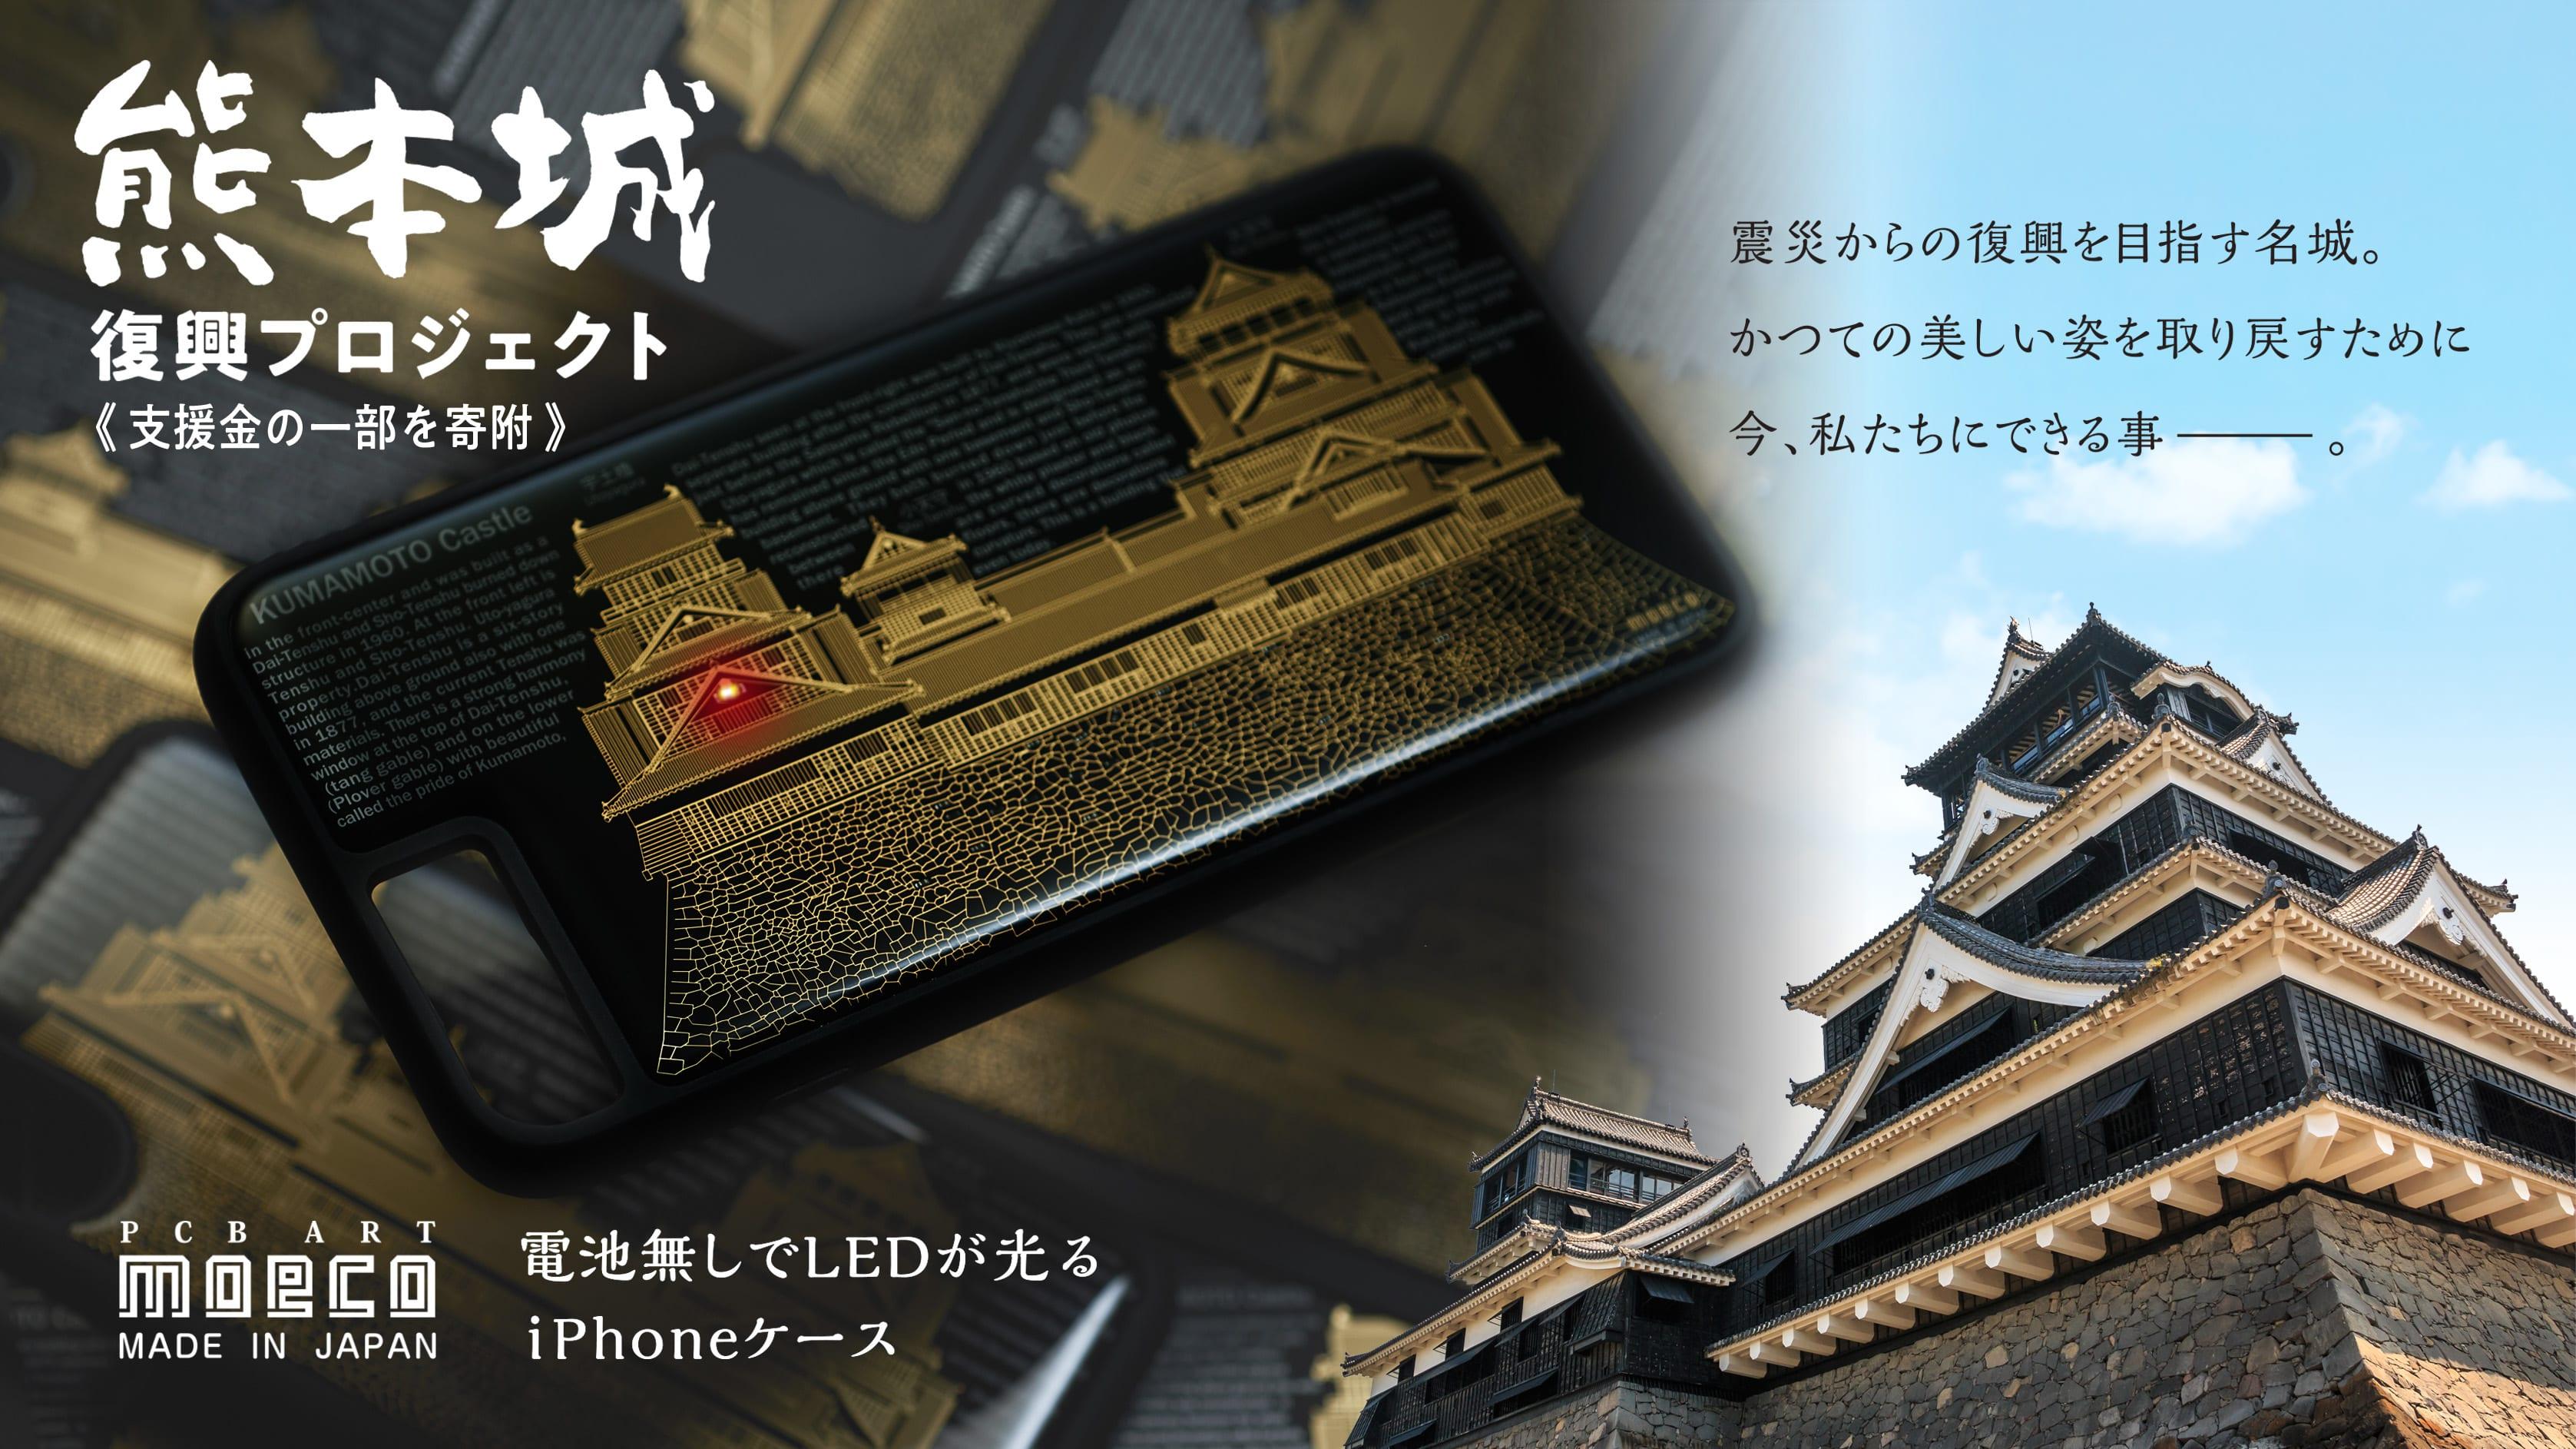 【熊本城復興】きっと自慢したくなる! 電池無しでLEDが光る基板製スマホケース